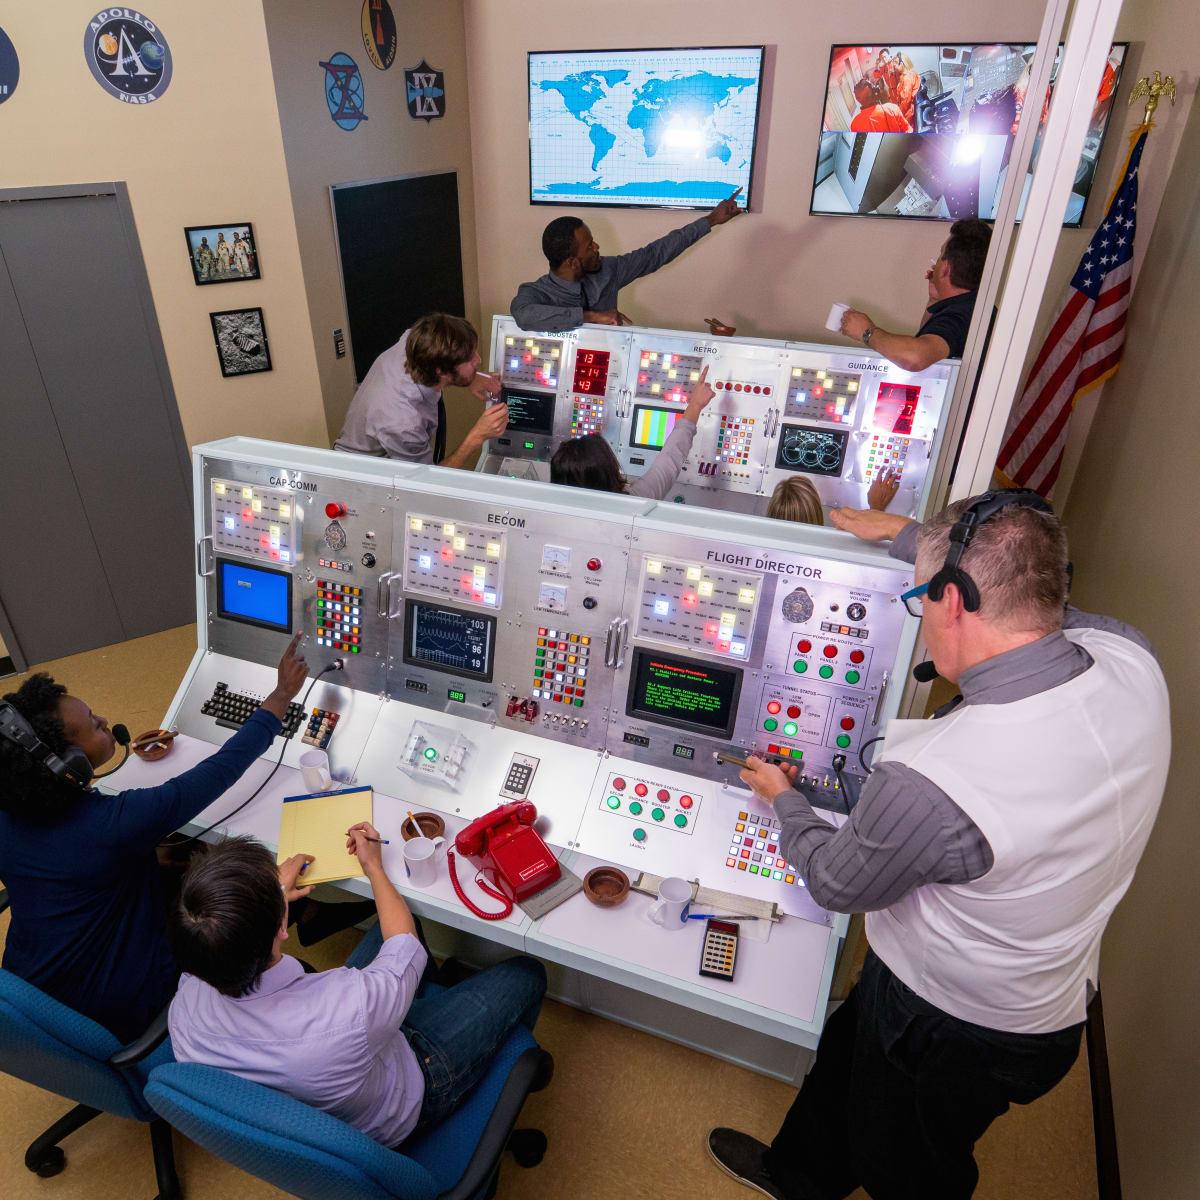 Houston, Escape Hunt Apollo 13 Mission control, July 2017